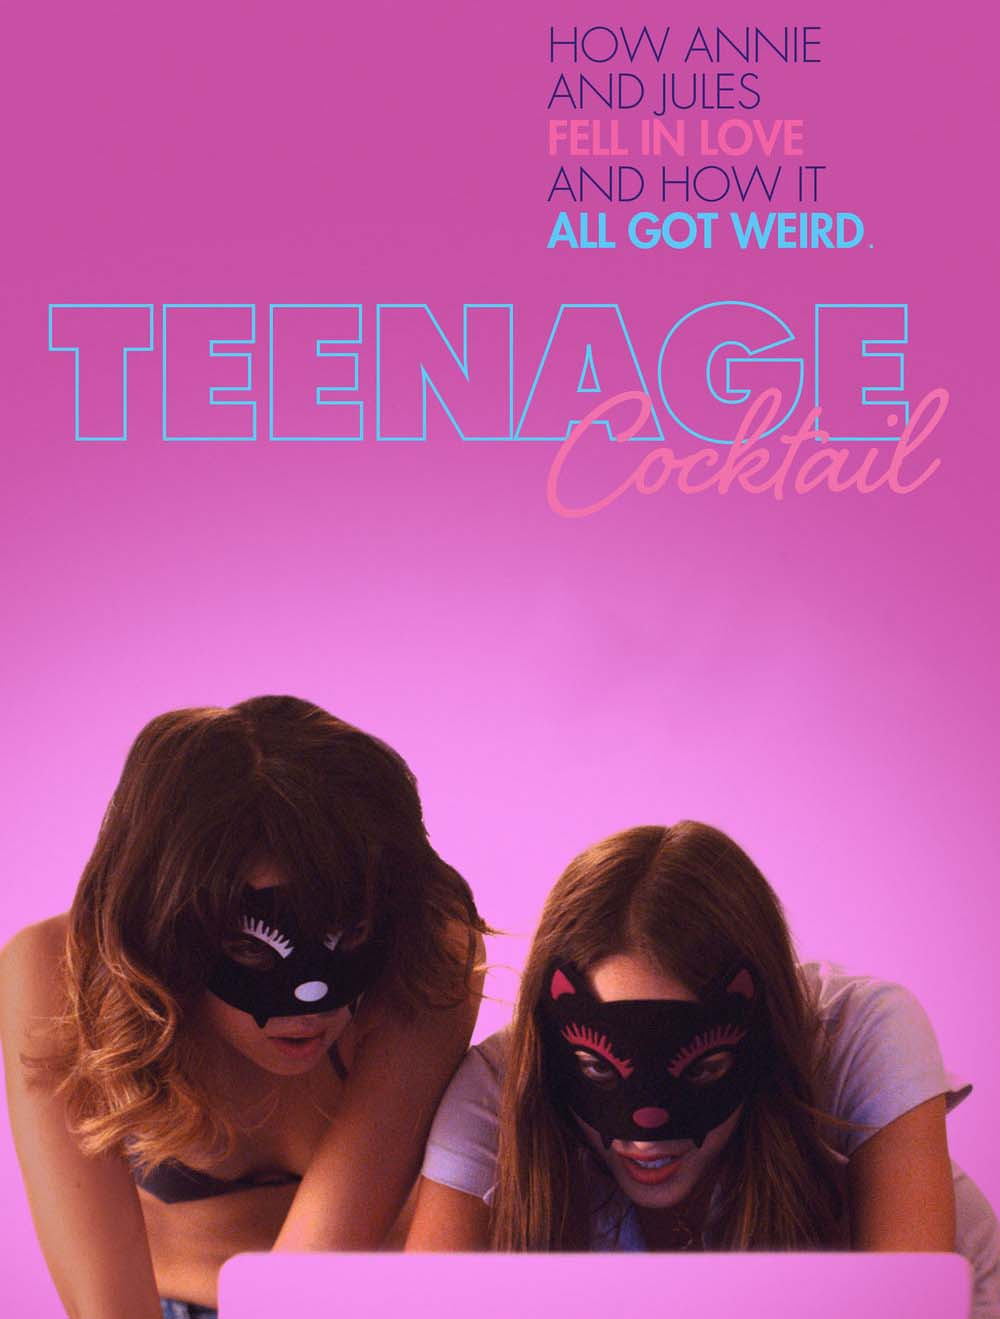 Coquetéis e Adolescentes Torrent – WEBRip 720p e 1080p Dual Áudio